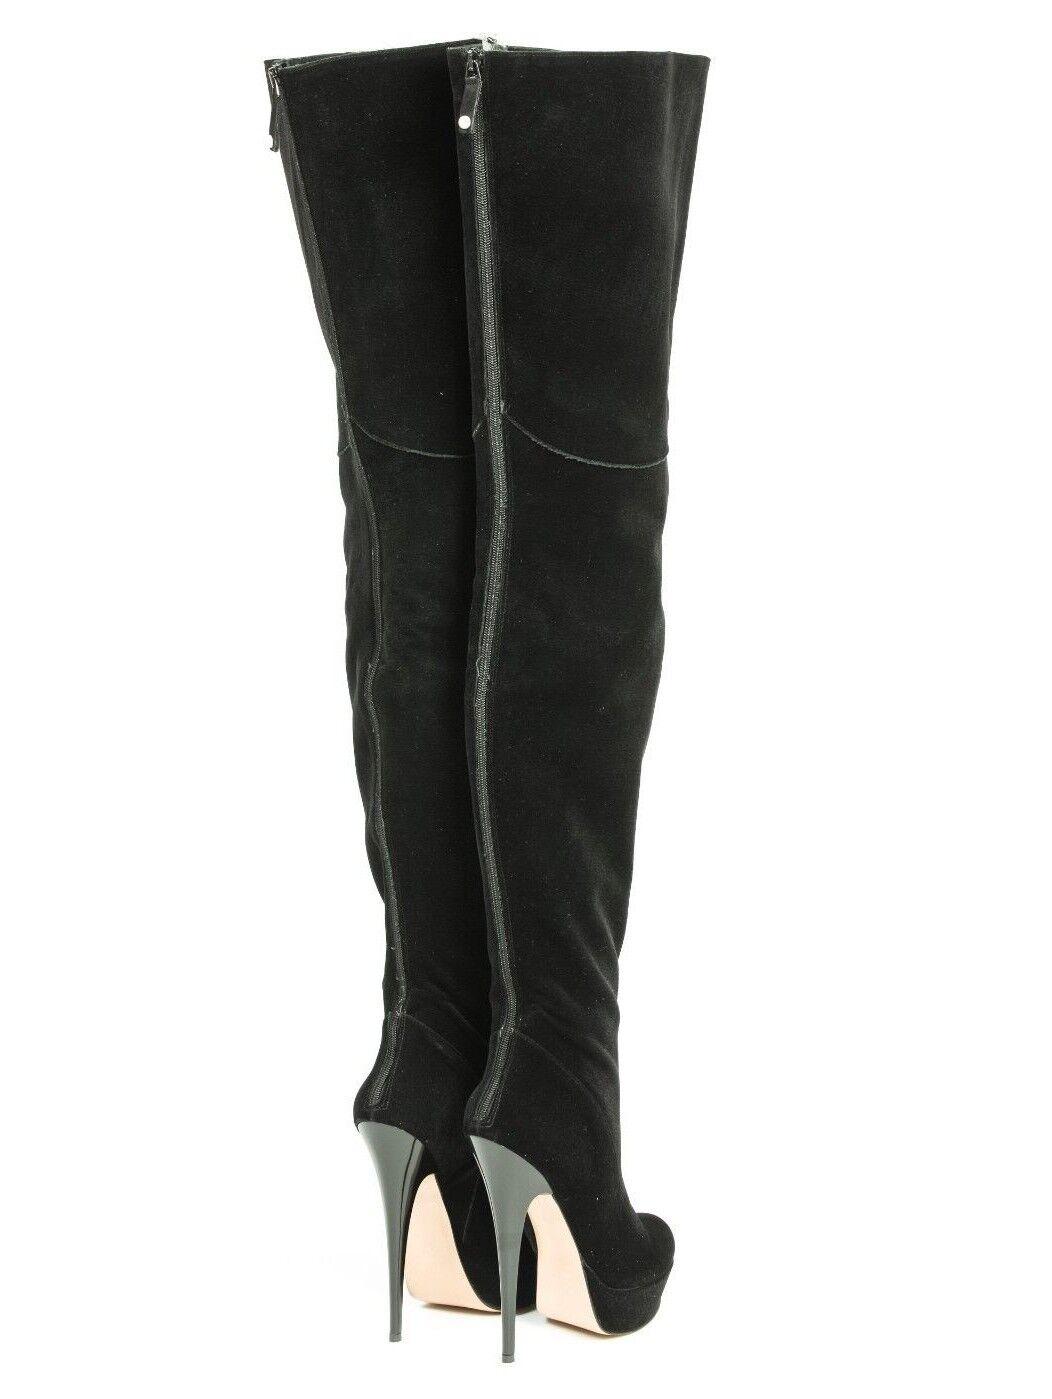 MORI PLATFORM HIGH HIGH HIGH OVERKNEE Stiefel STIEFEL Stiefel PERLE VELVET schwarz SCHWARZ   6ef238